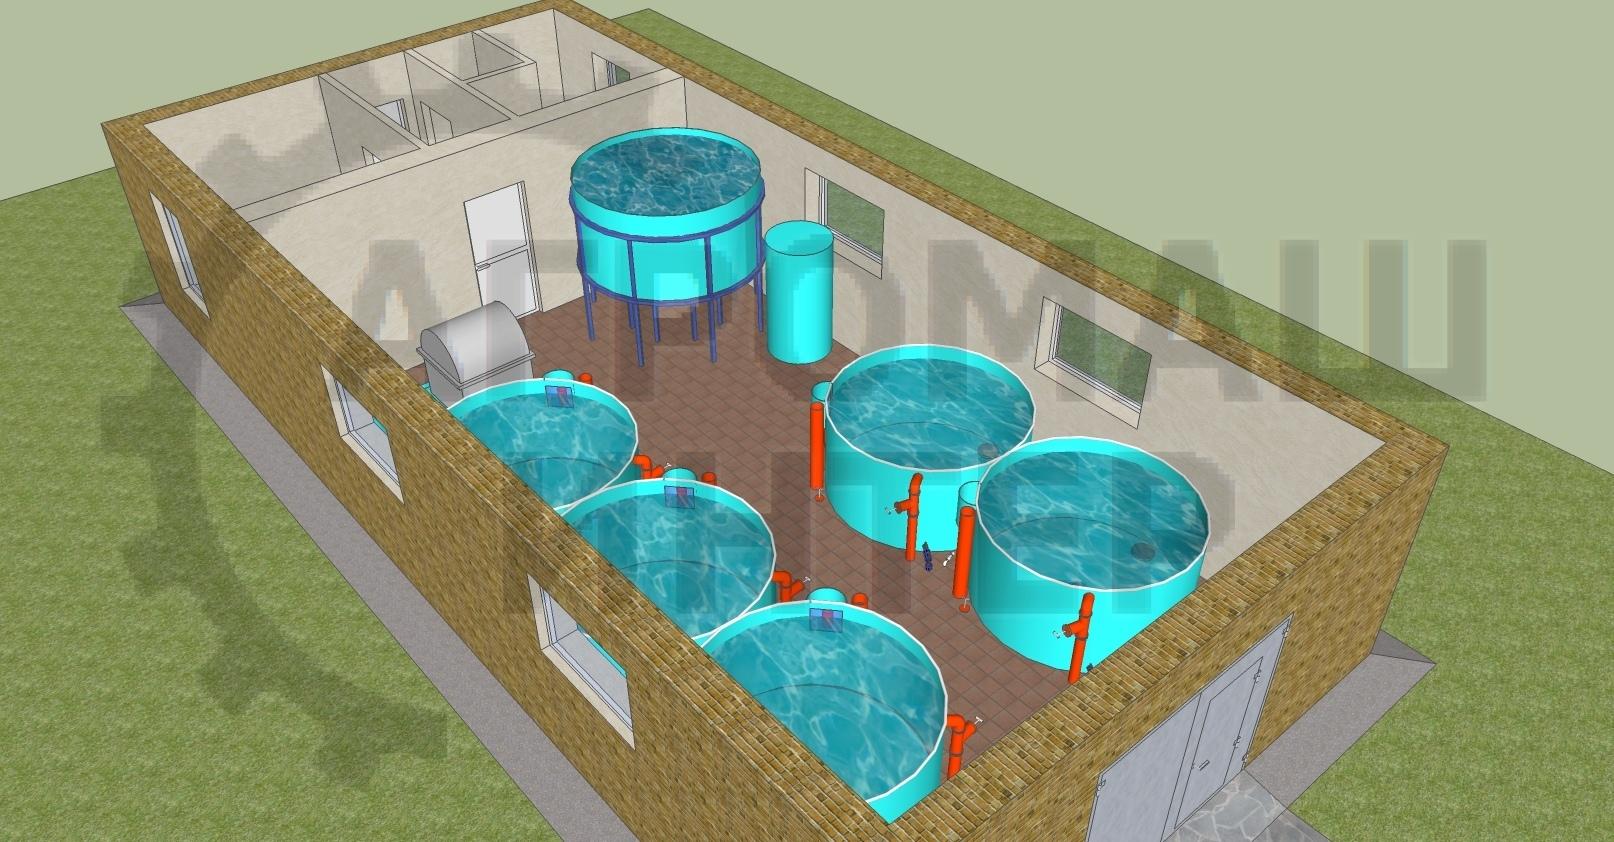 Универсальный рыбоводный модуль на 1 тонну клариевого сома в год